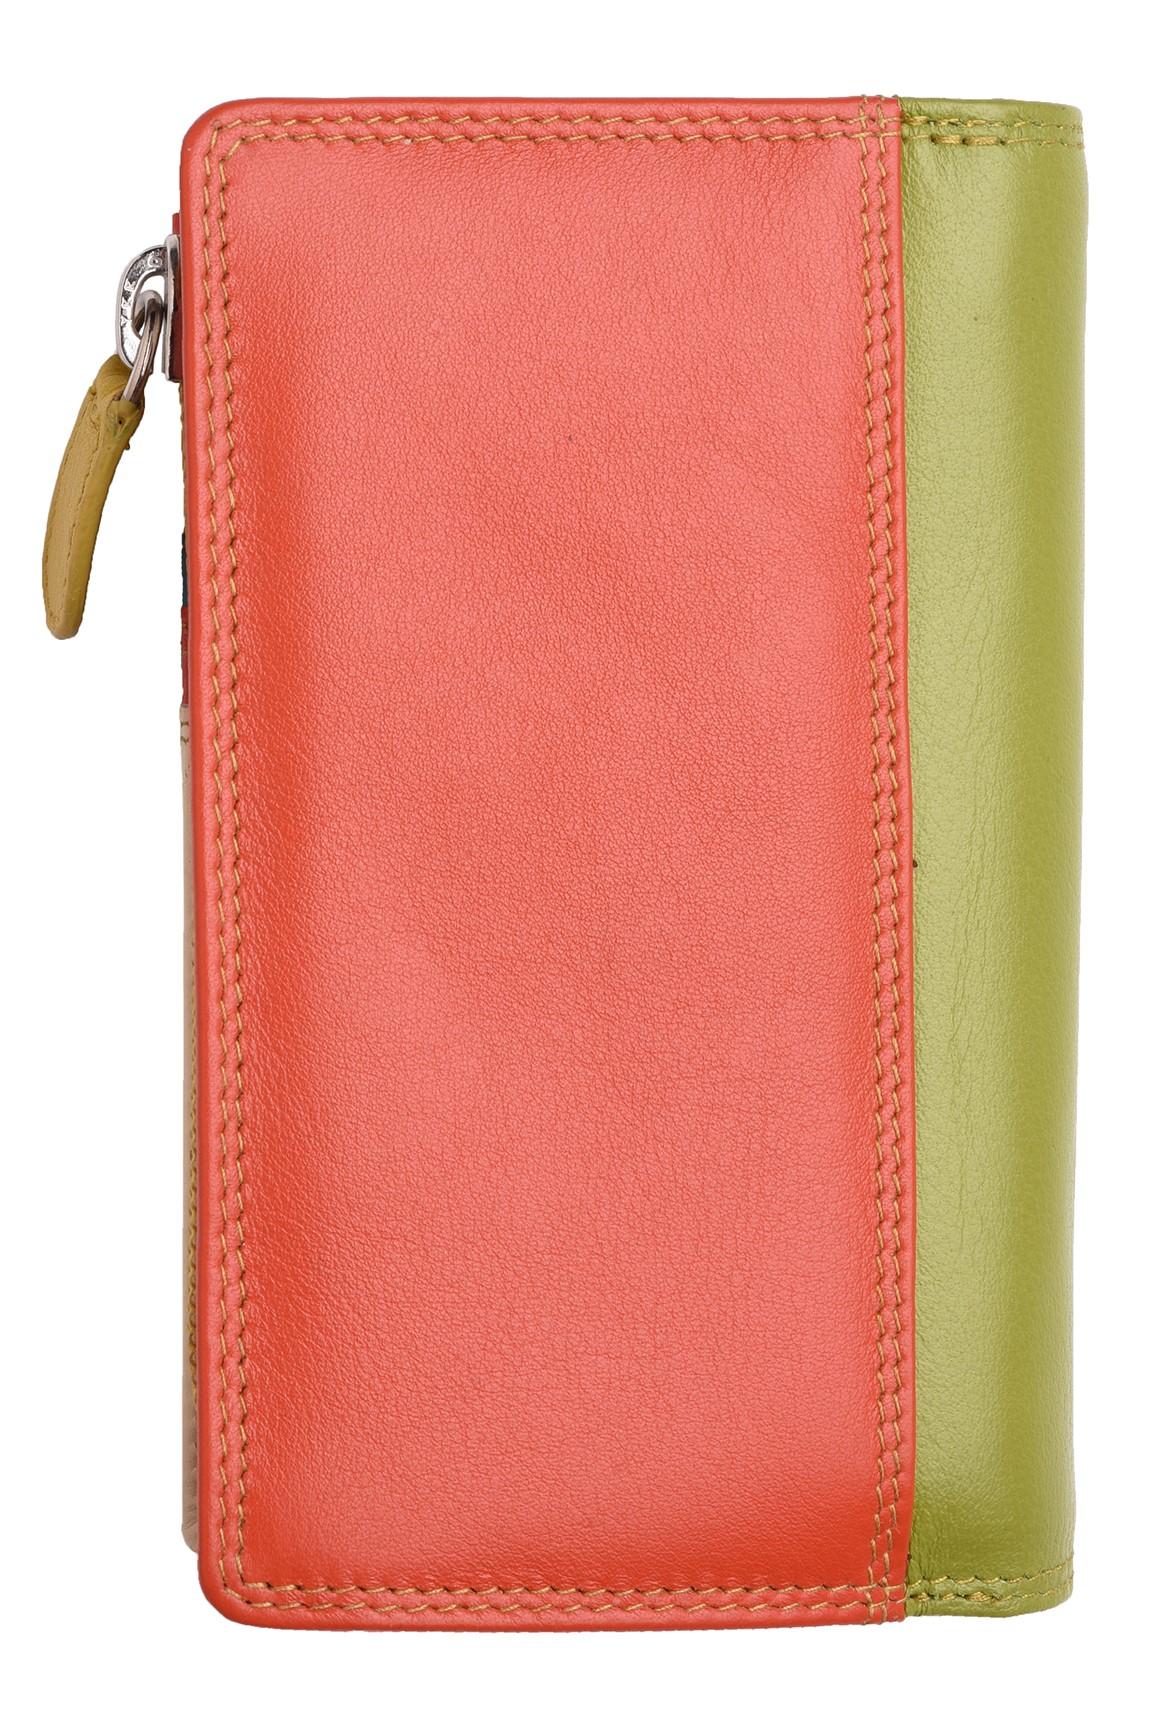 Femme-Veritable-Multi-Couleur-RFID-Blocage-De-Haute-Qualite-Sac-a-Main-Portefeuille miniature 19